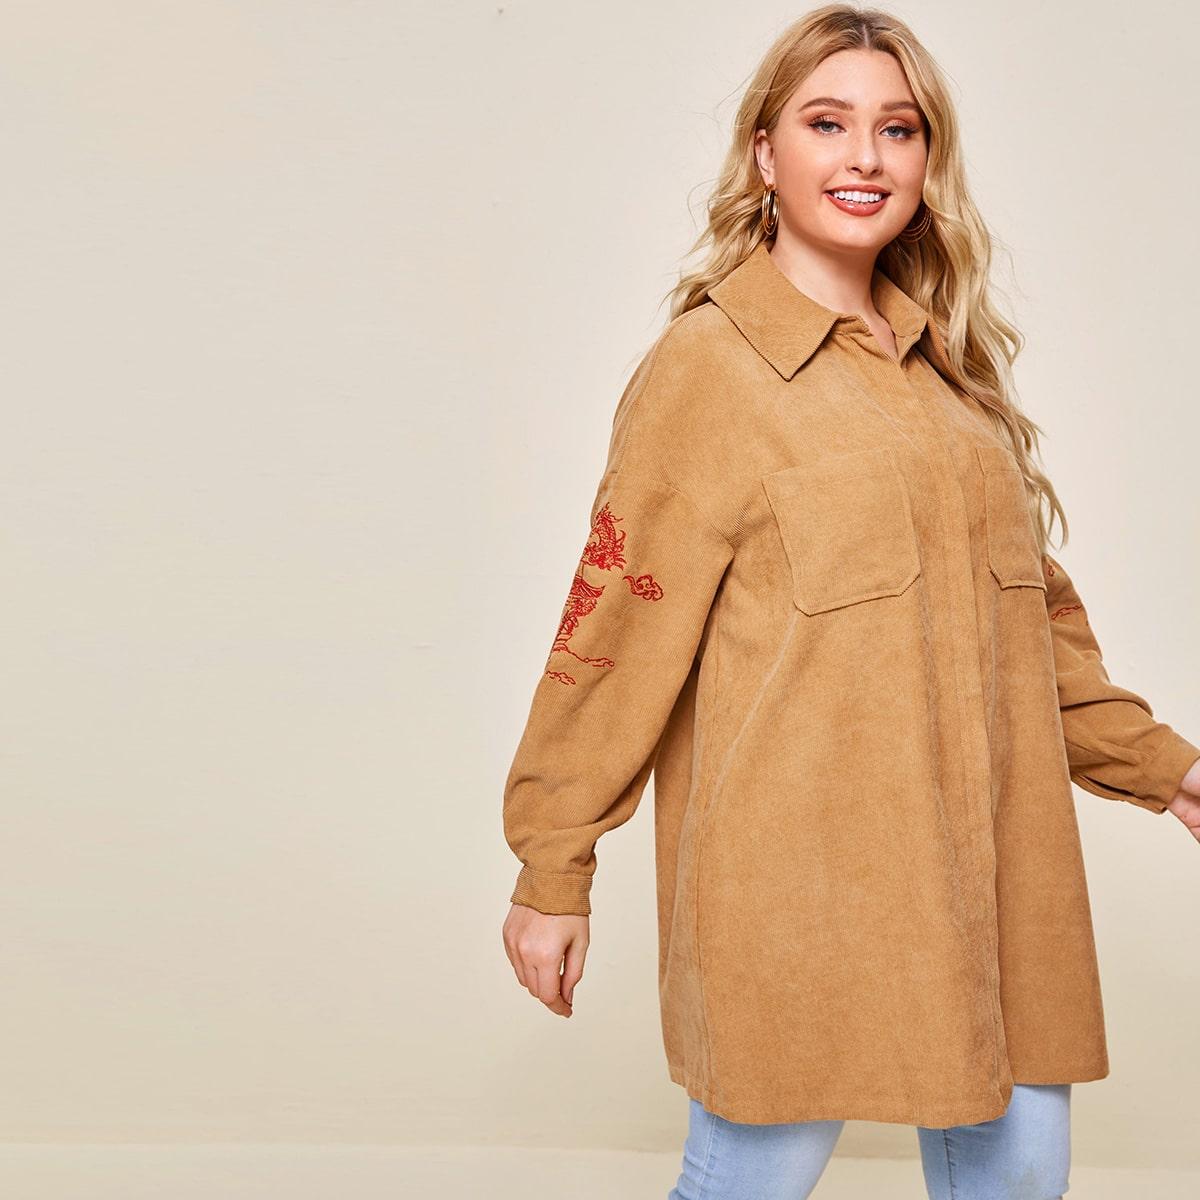 Вельветовое пальто размера плюс с вышивкой и карманом